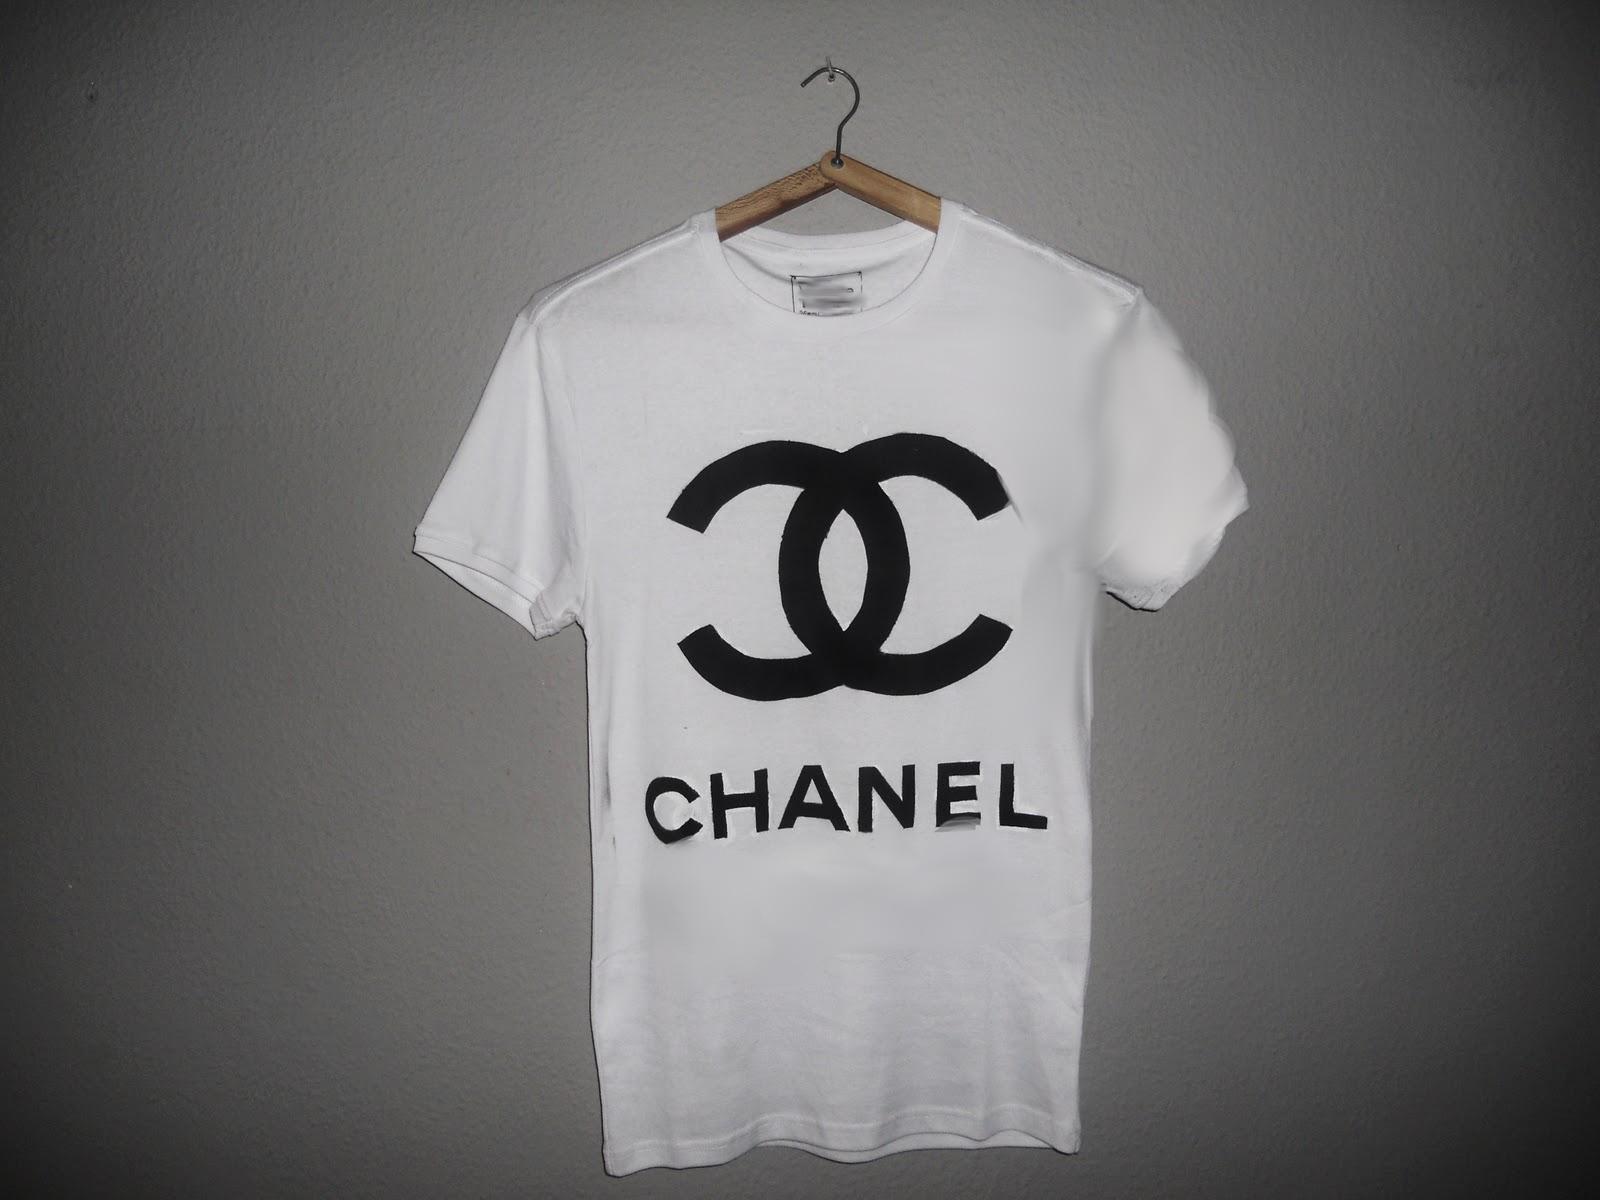 Camisetas Chanel Hombre Baratas